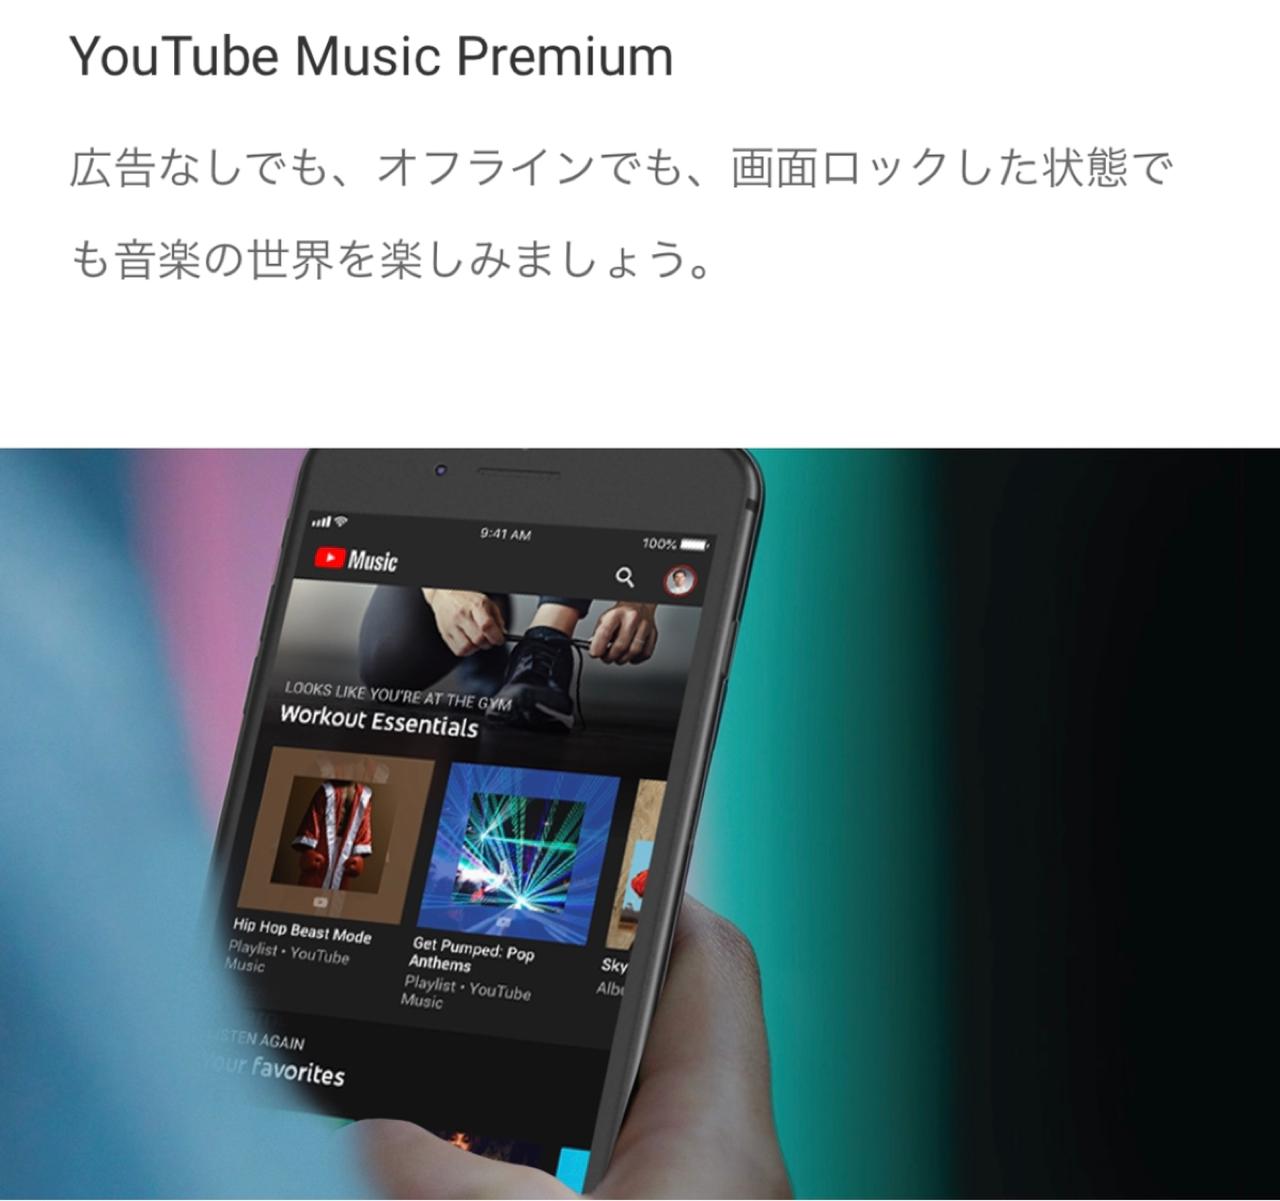 【YouTubeプレミアム・YouTubeMusicプレミアム】が快適すぎる